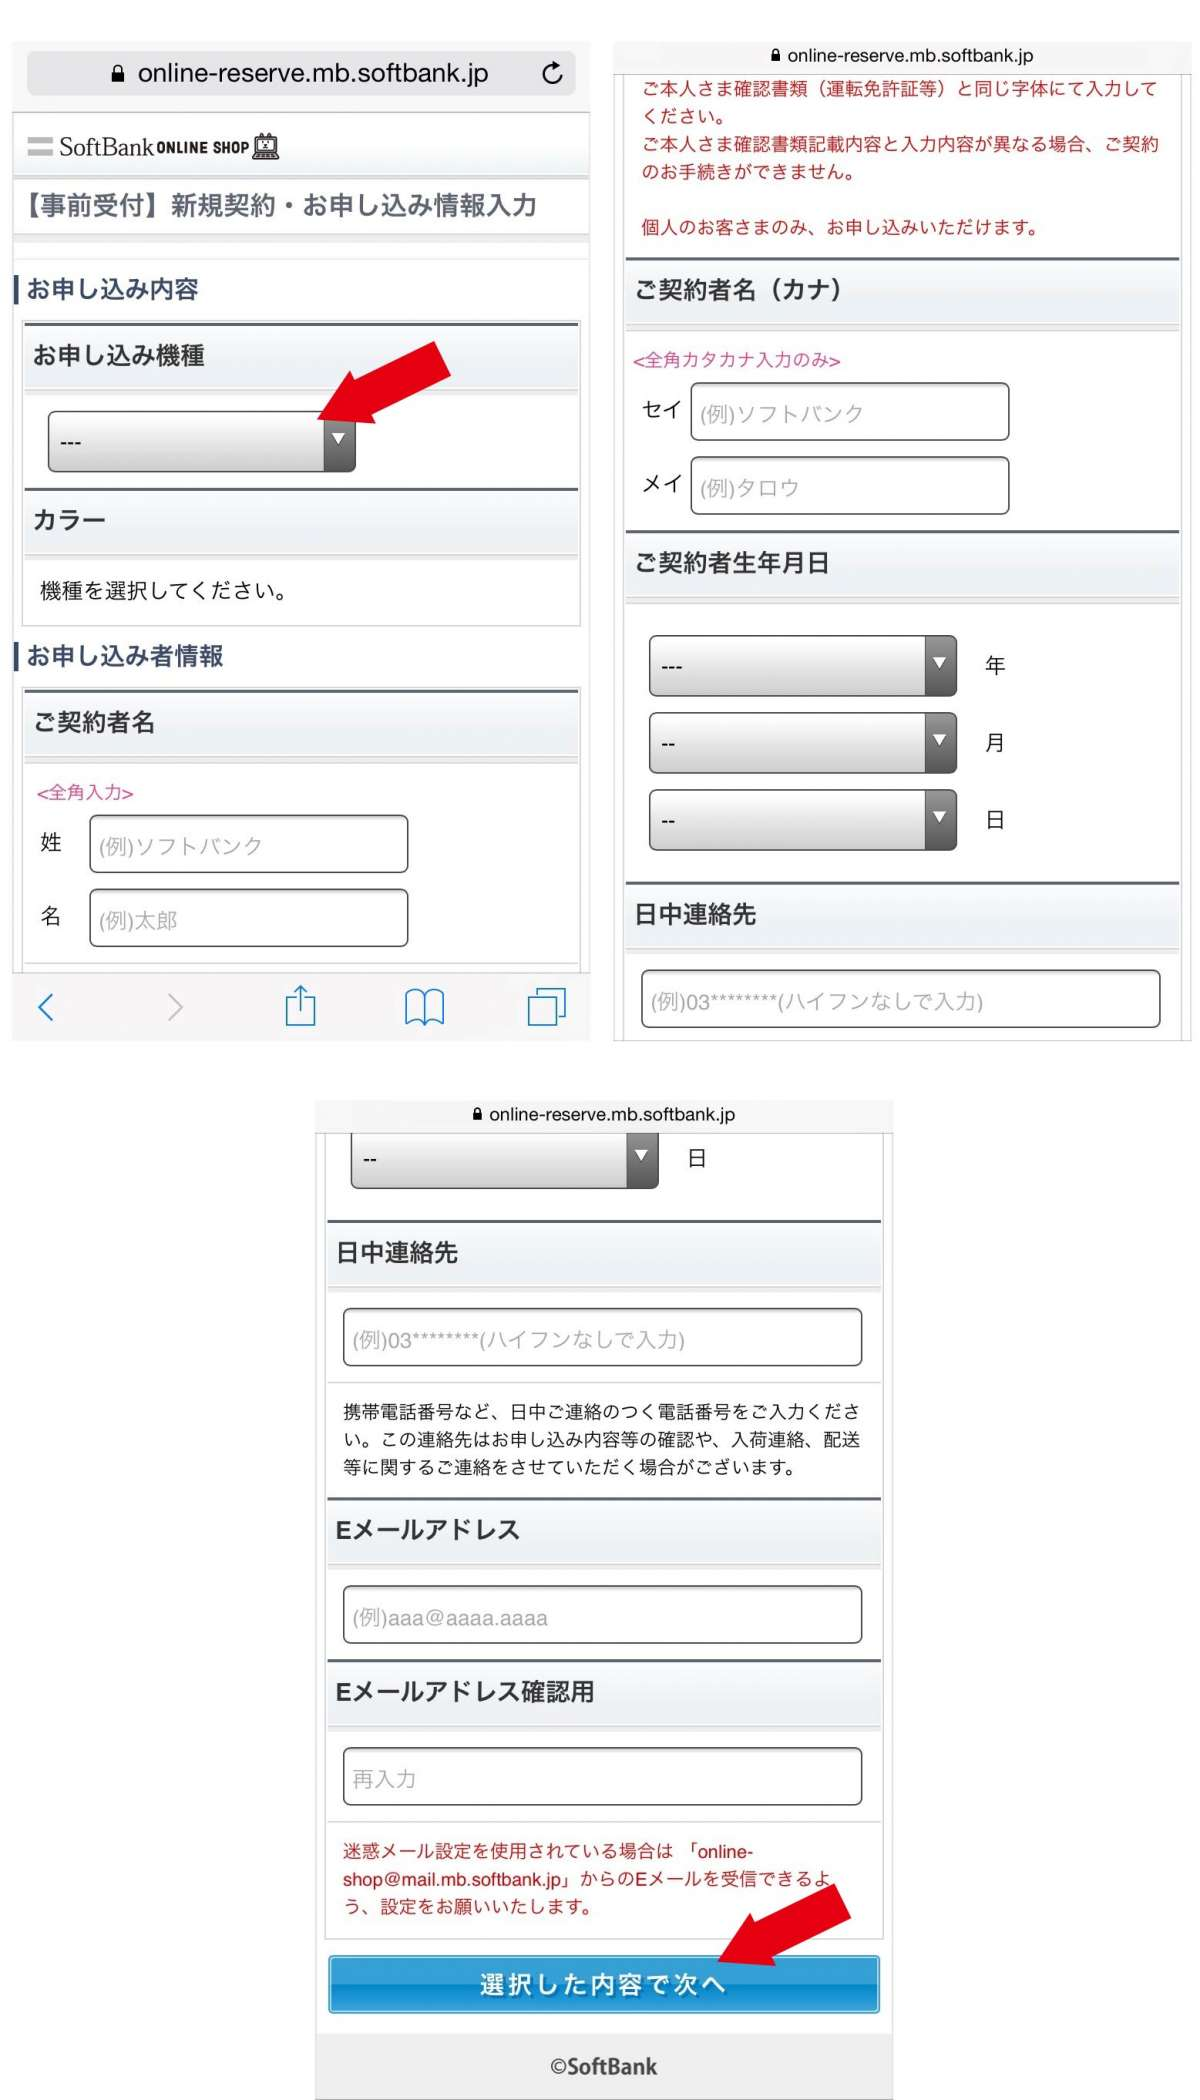 ソフトバンク MNP 予約